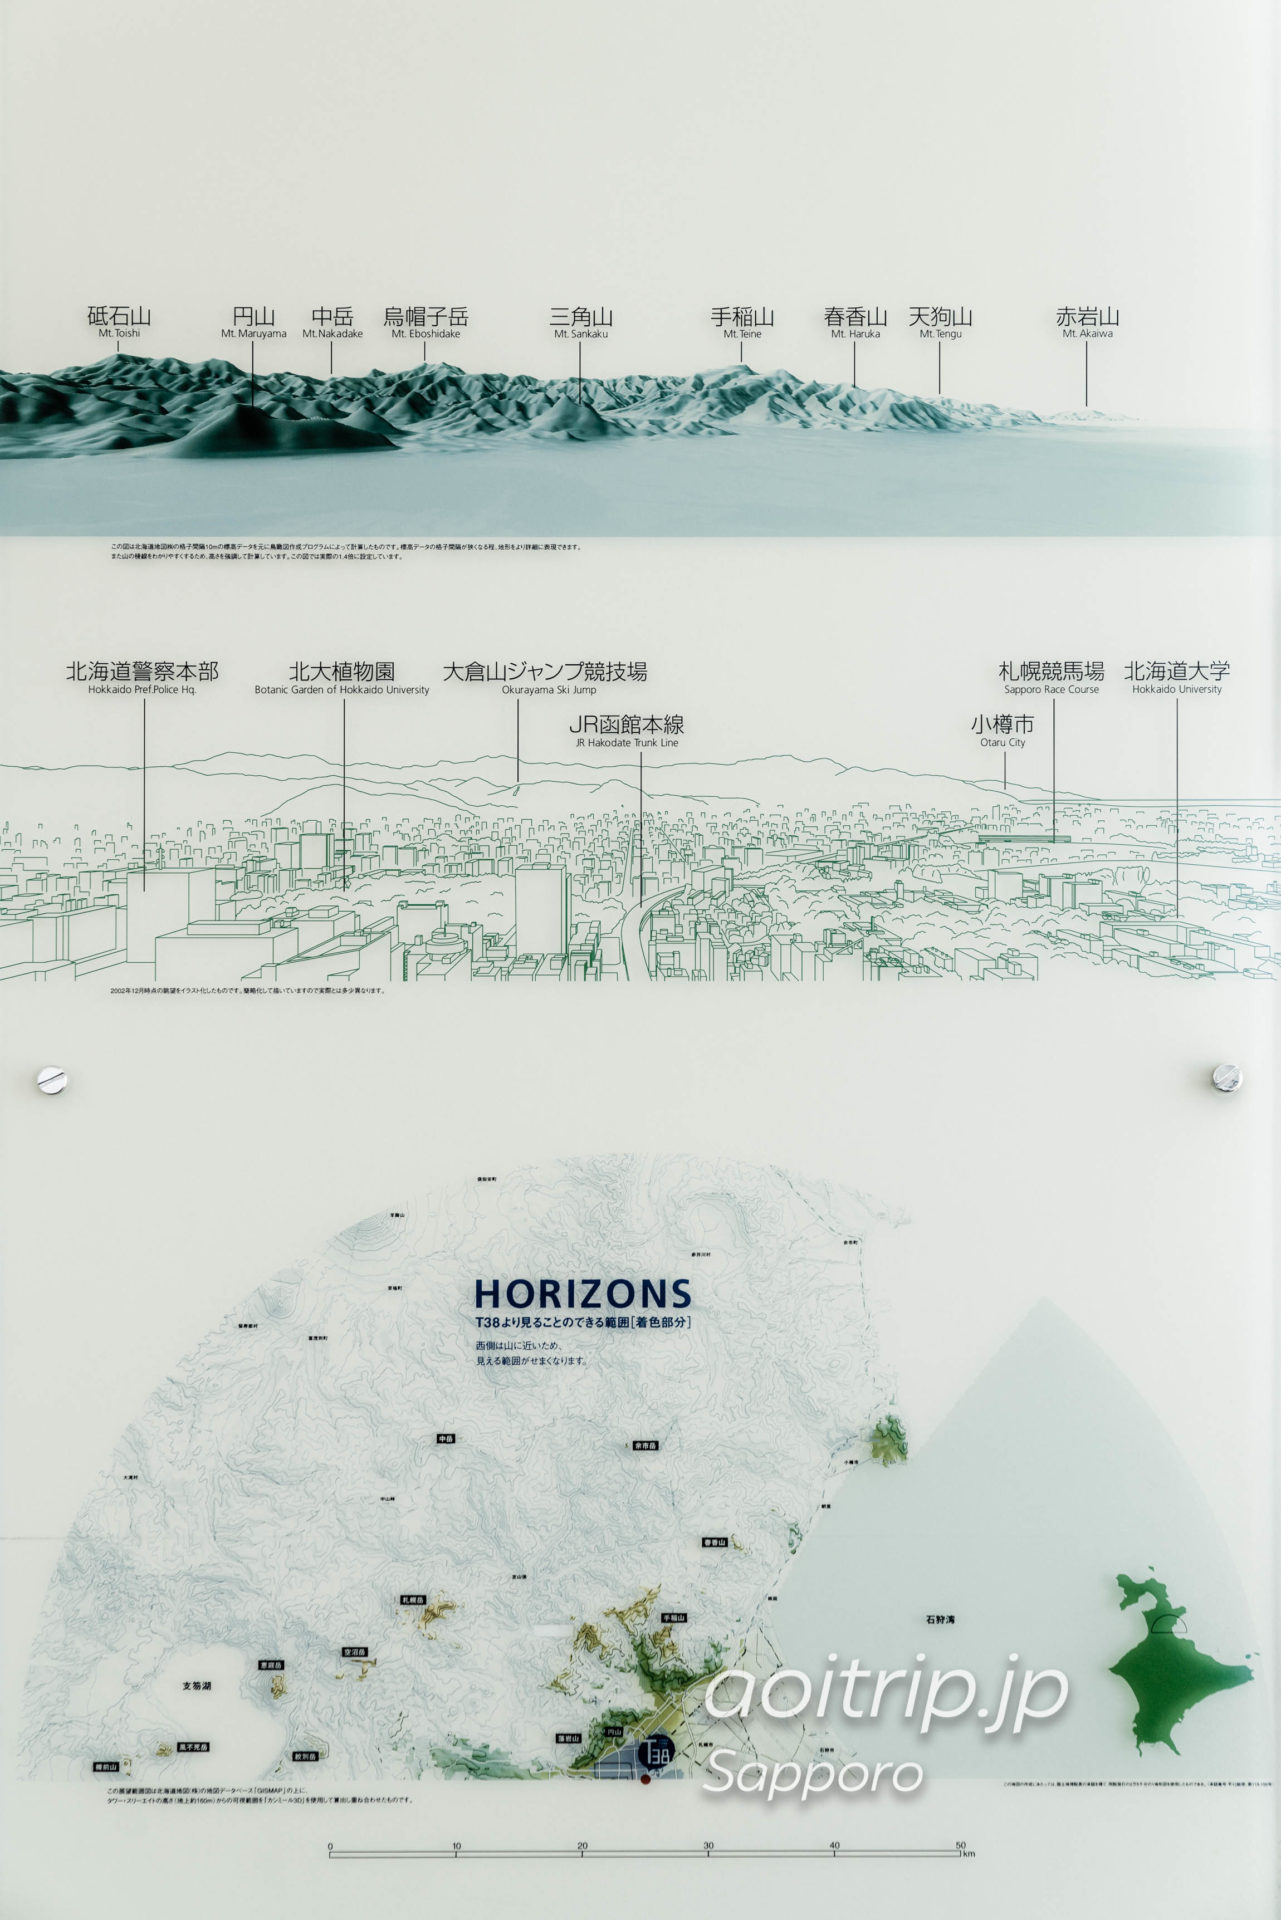 札幌JRタワー展望室T38からの眺望 西側(手稲山、大倉山ジャンプ競技場、北海道大学)